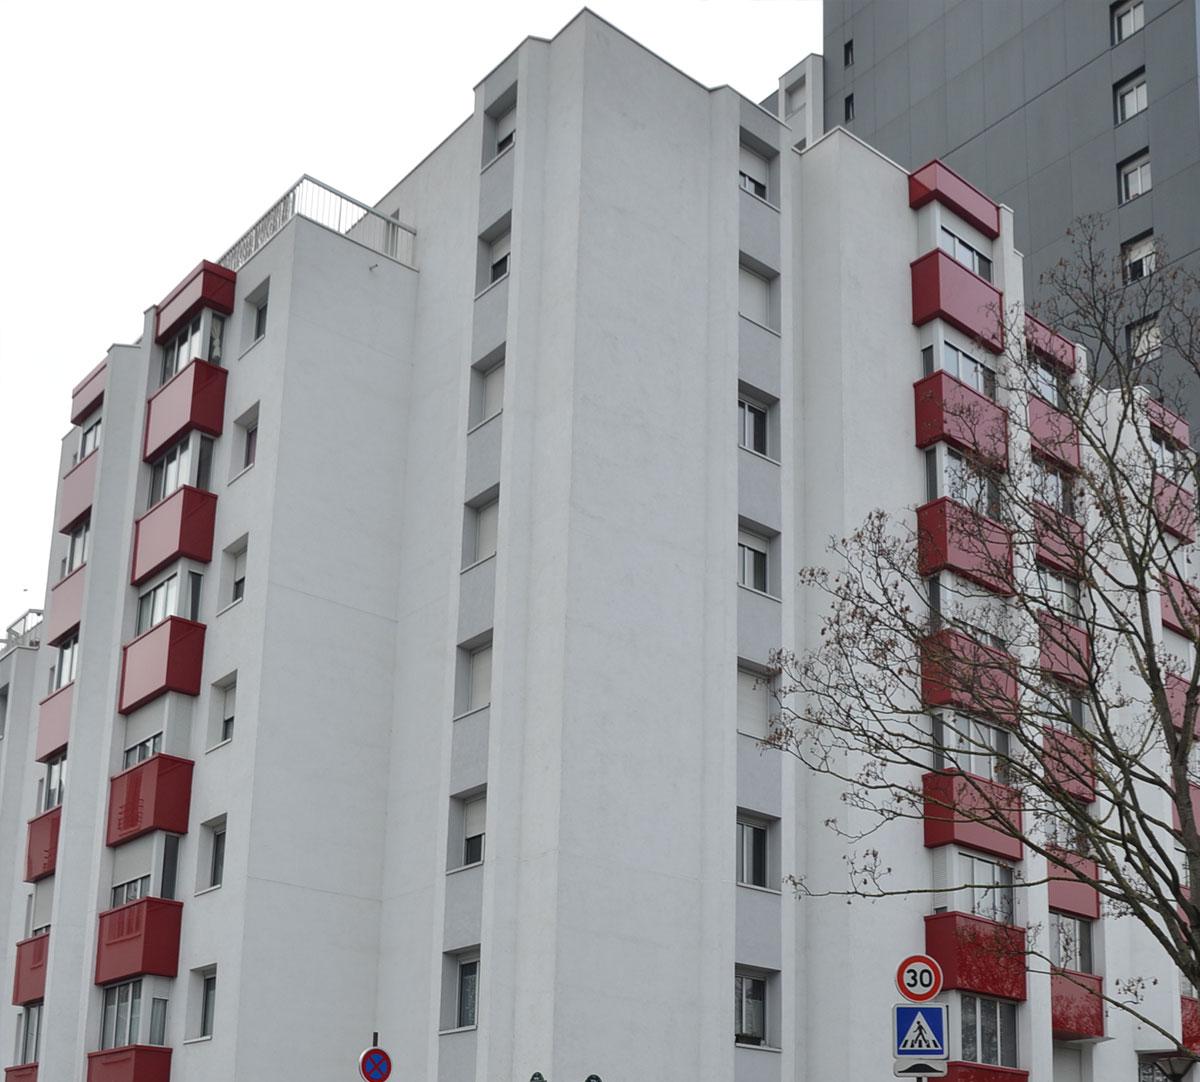 Réalisation Bavettes d'appuis rouge et blanche : image 1